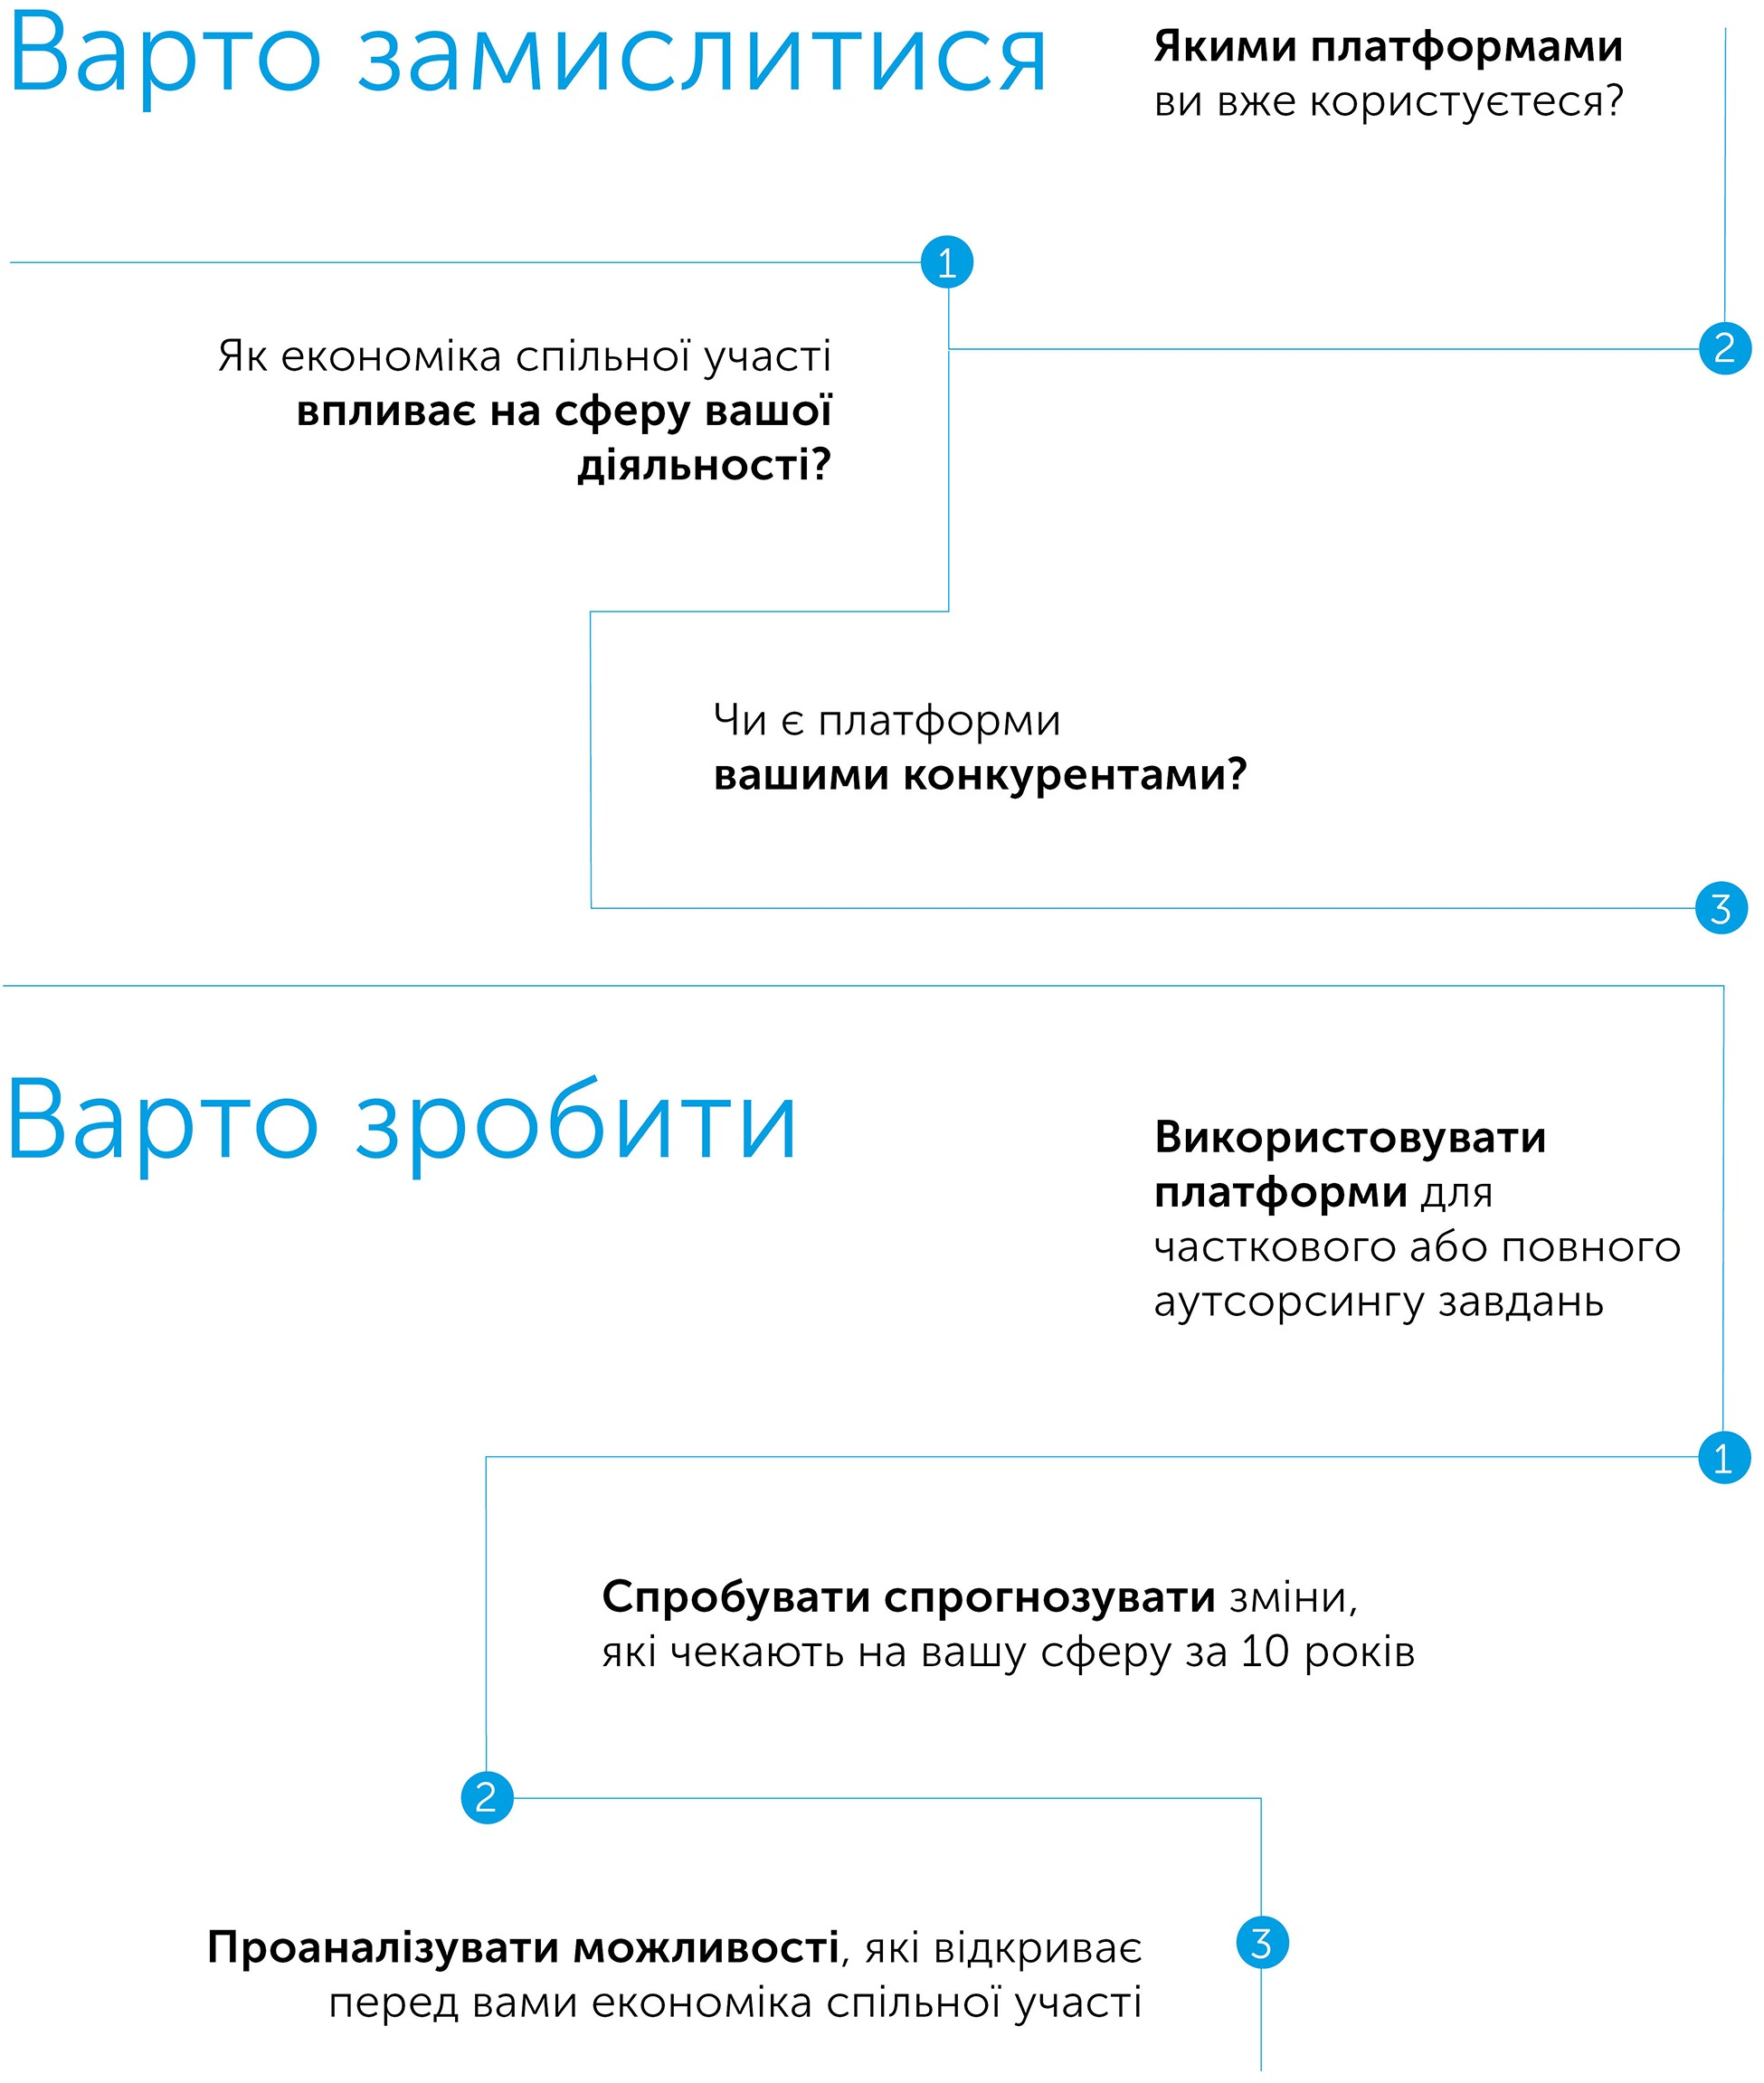 Економіка спільної участі, автор Арун Сундарараджан   Kyivstar Business Hub, зображення №4